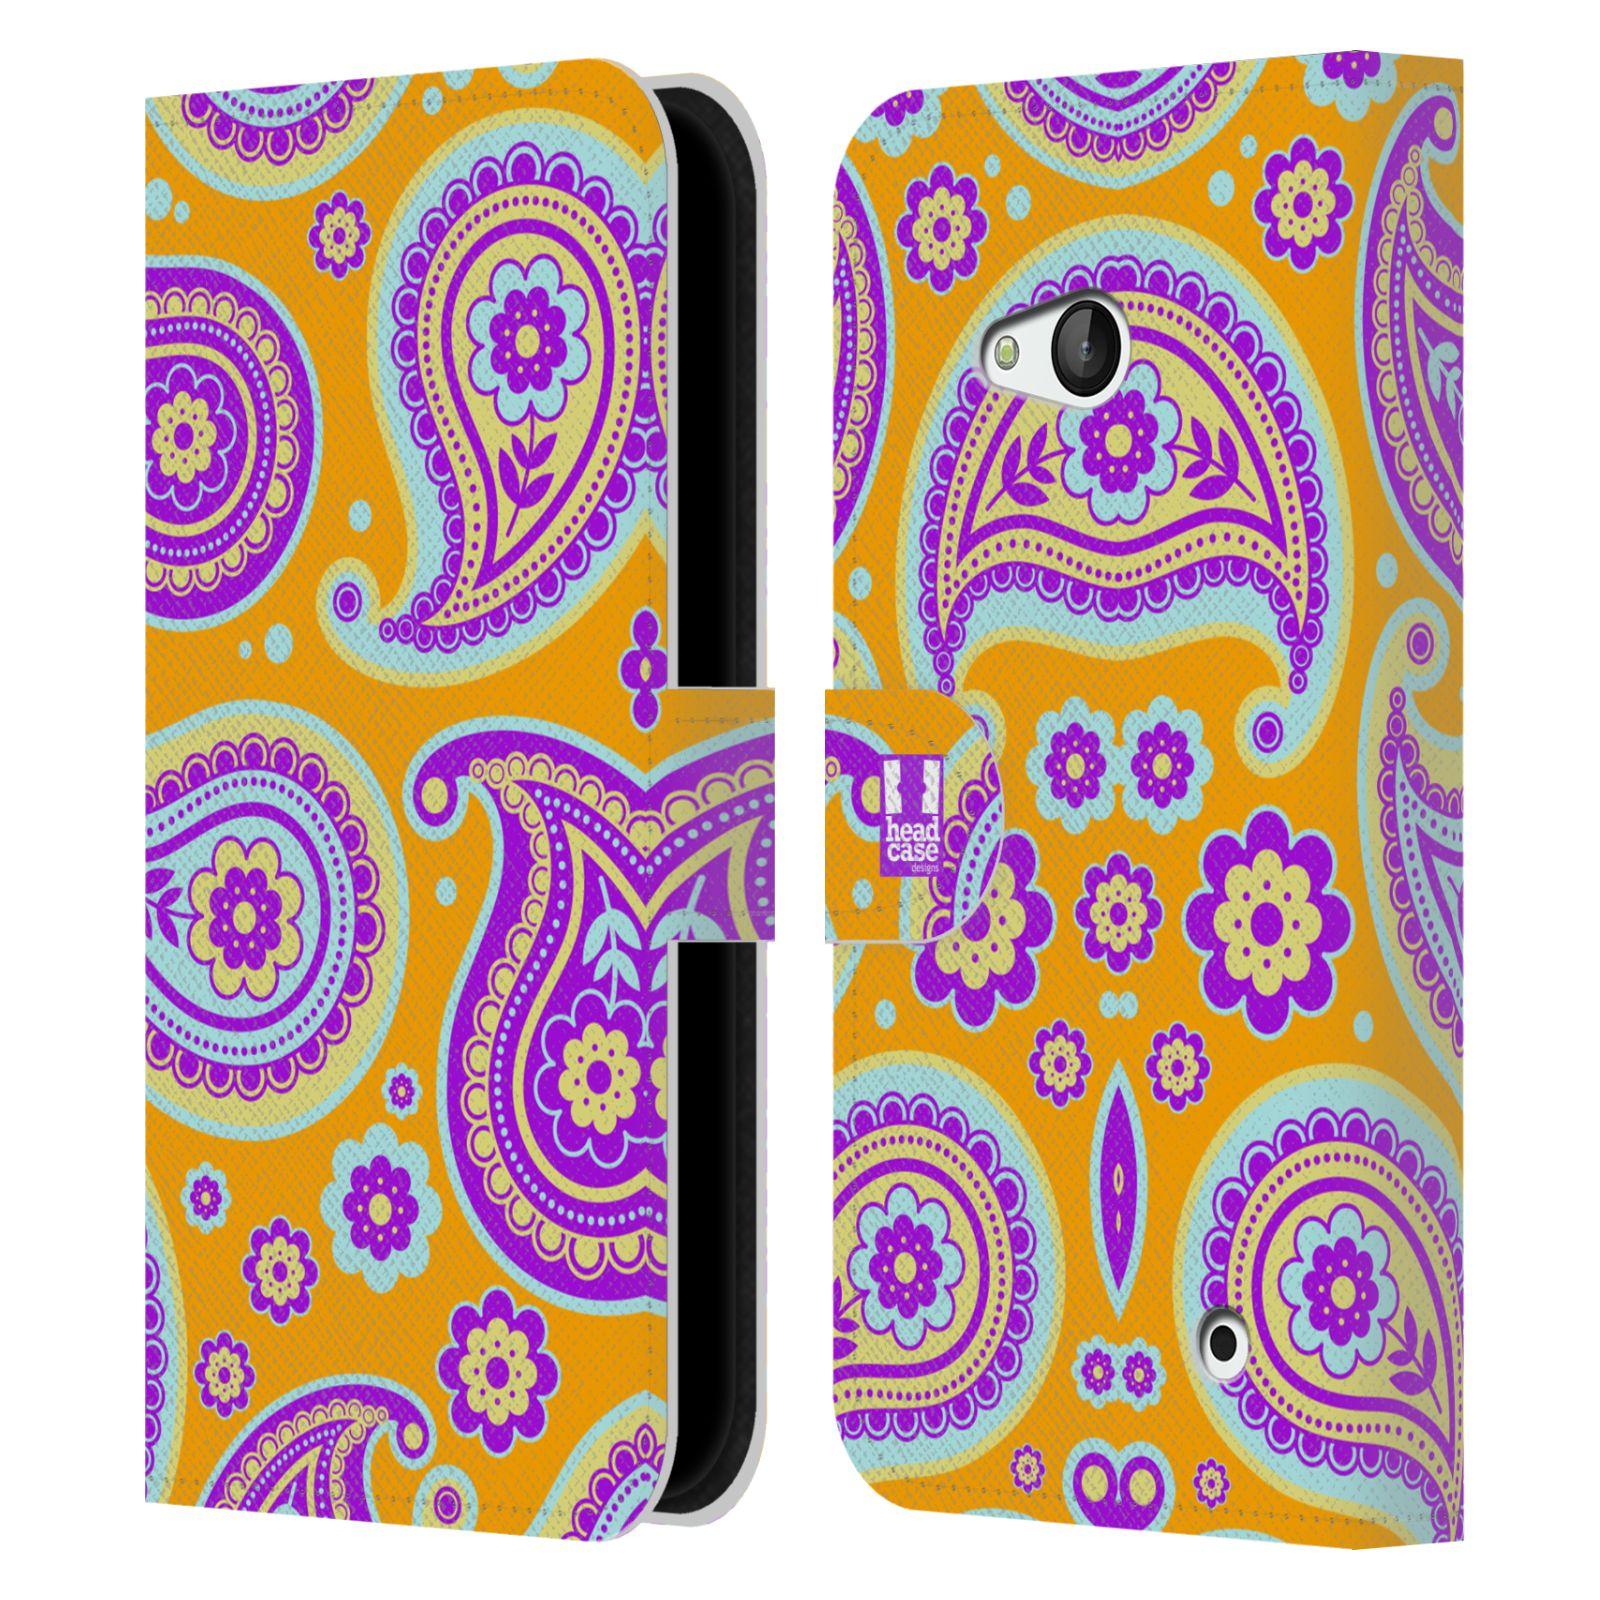 HEAD CASE Flipové pouzdro pro mobil NOKIA / MICROSOFT LUMIA 640 / LUMIA 640 DUAL snové slzy oranžová a fialová